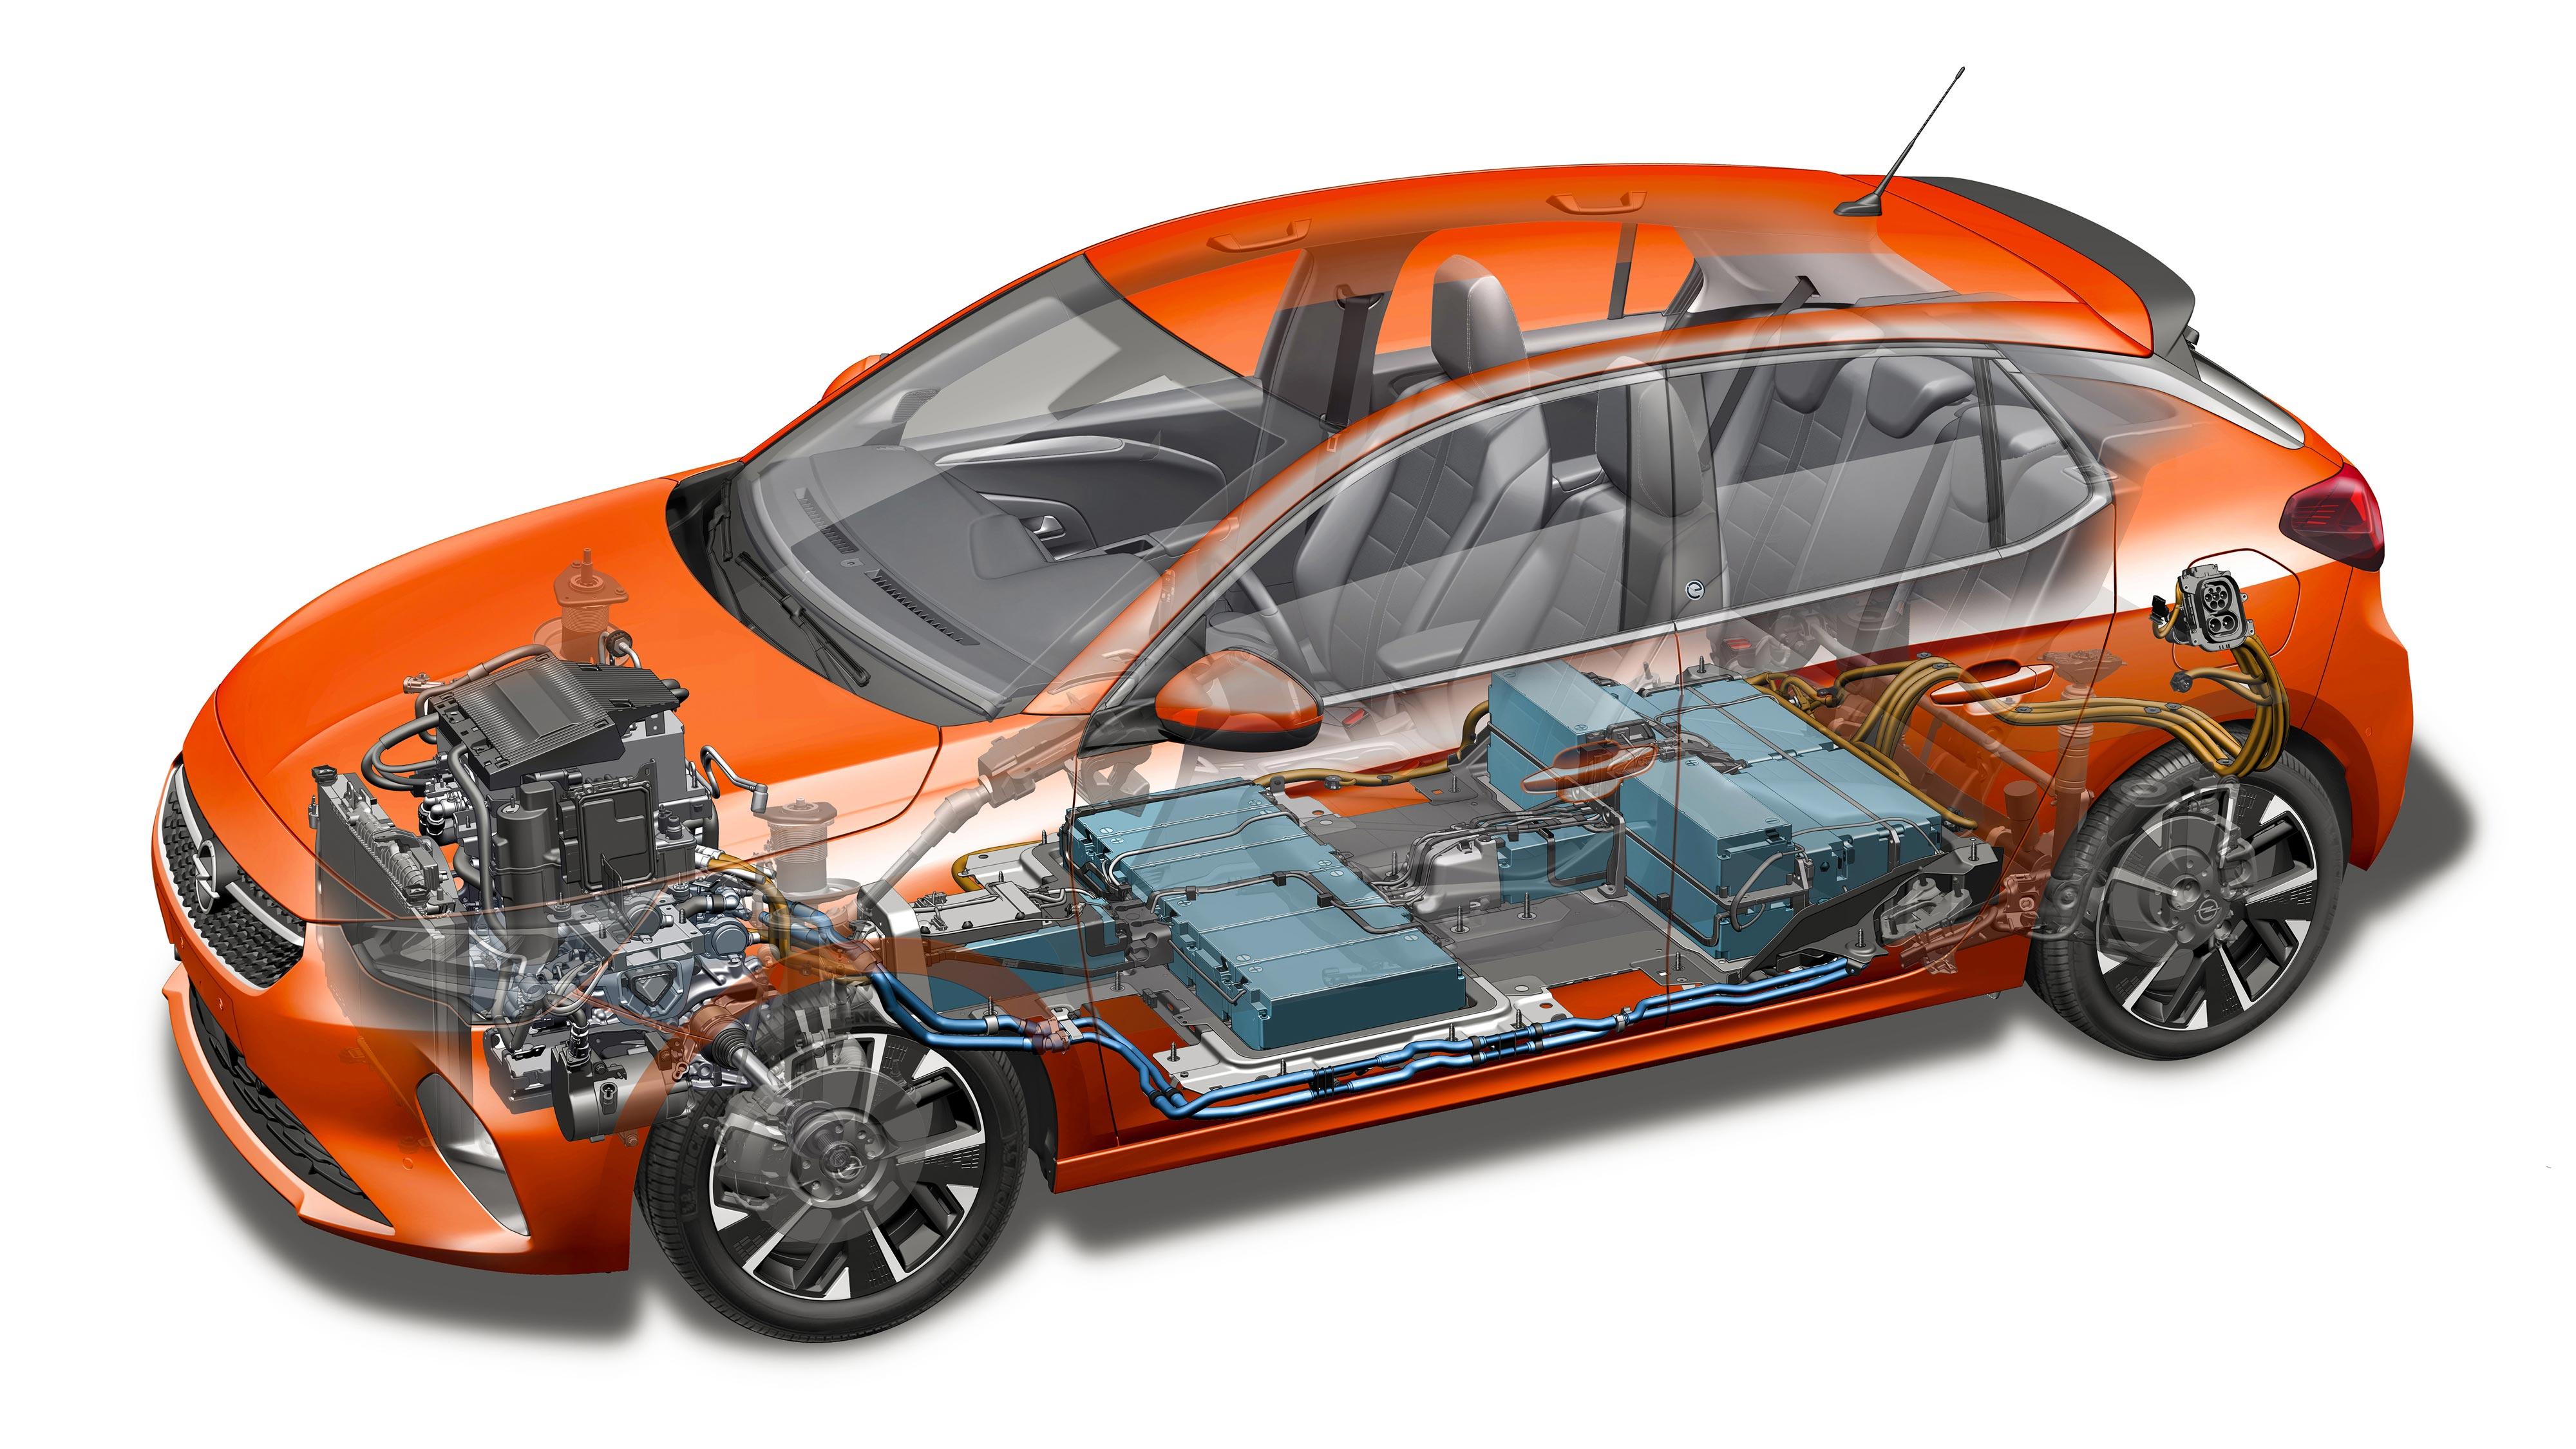 Opel Corsa-e cutaway drawing